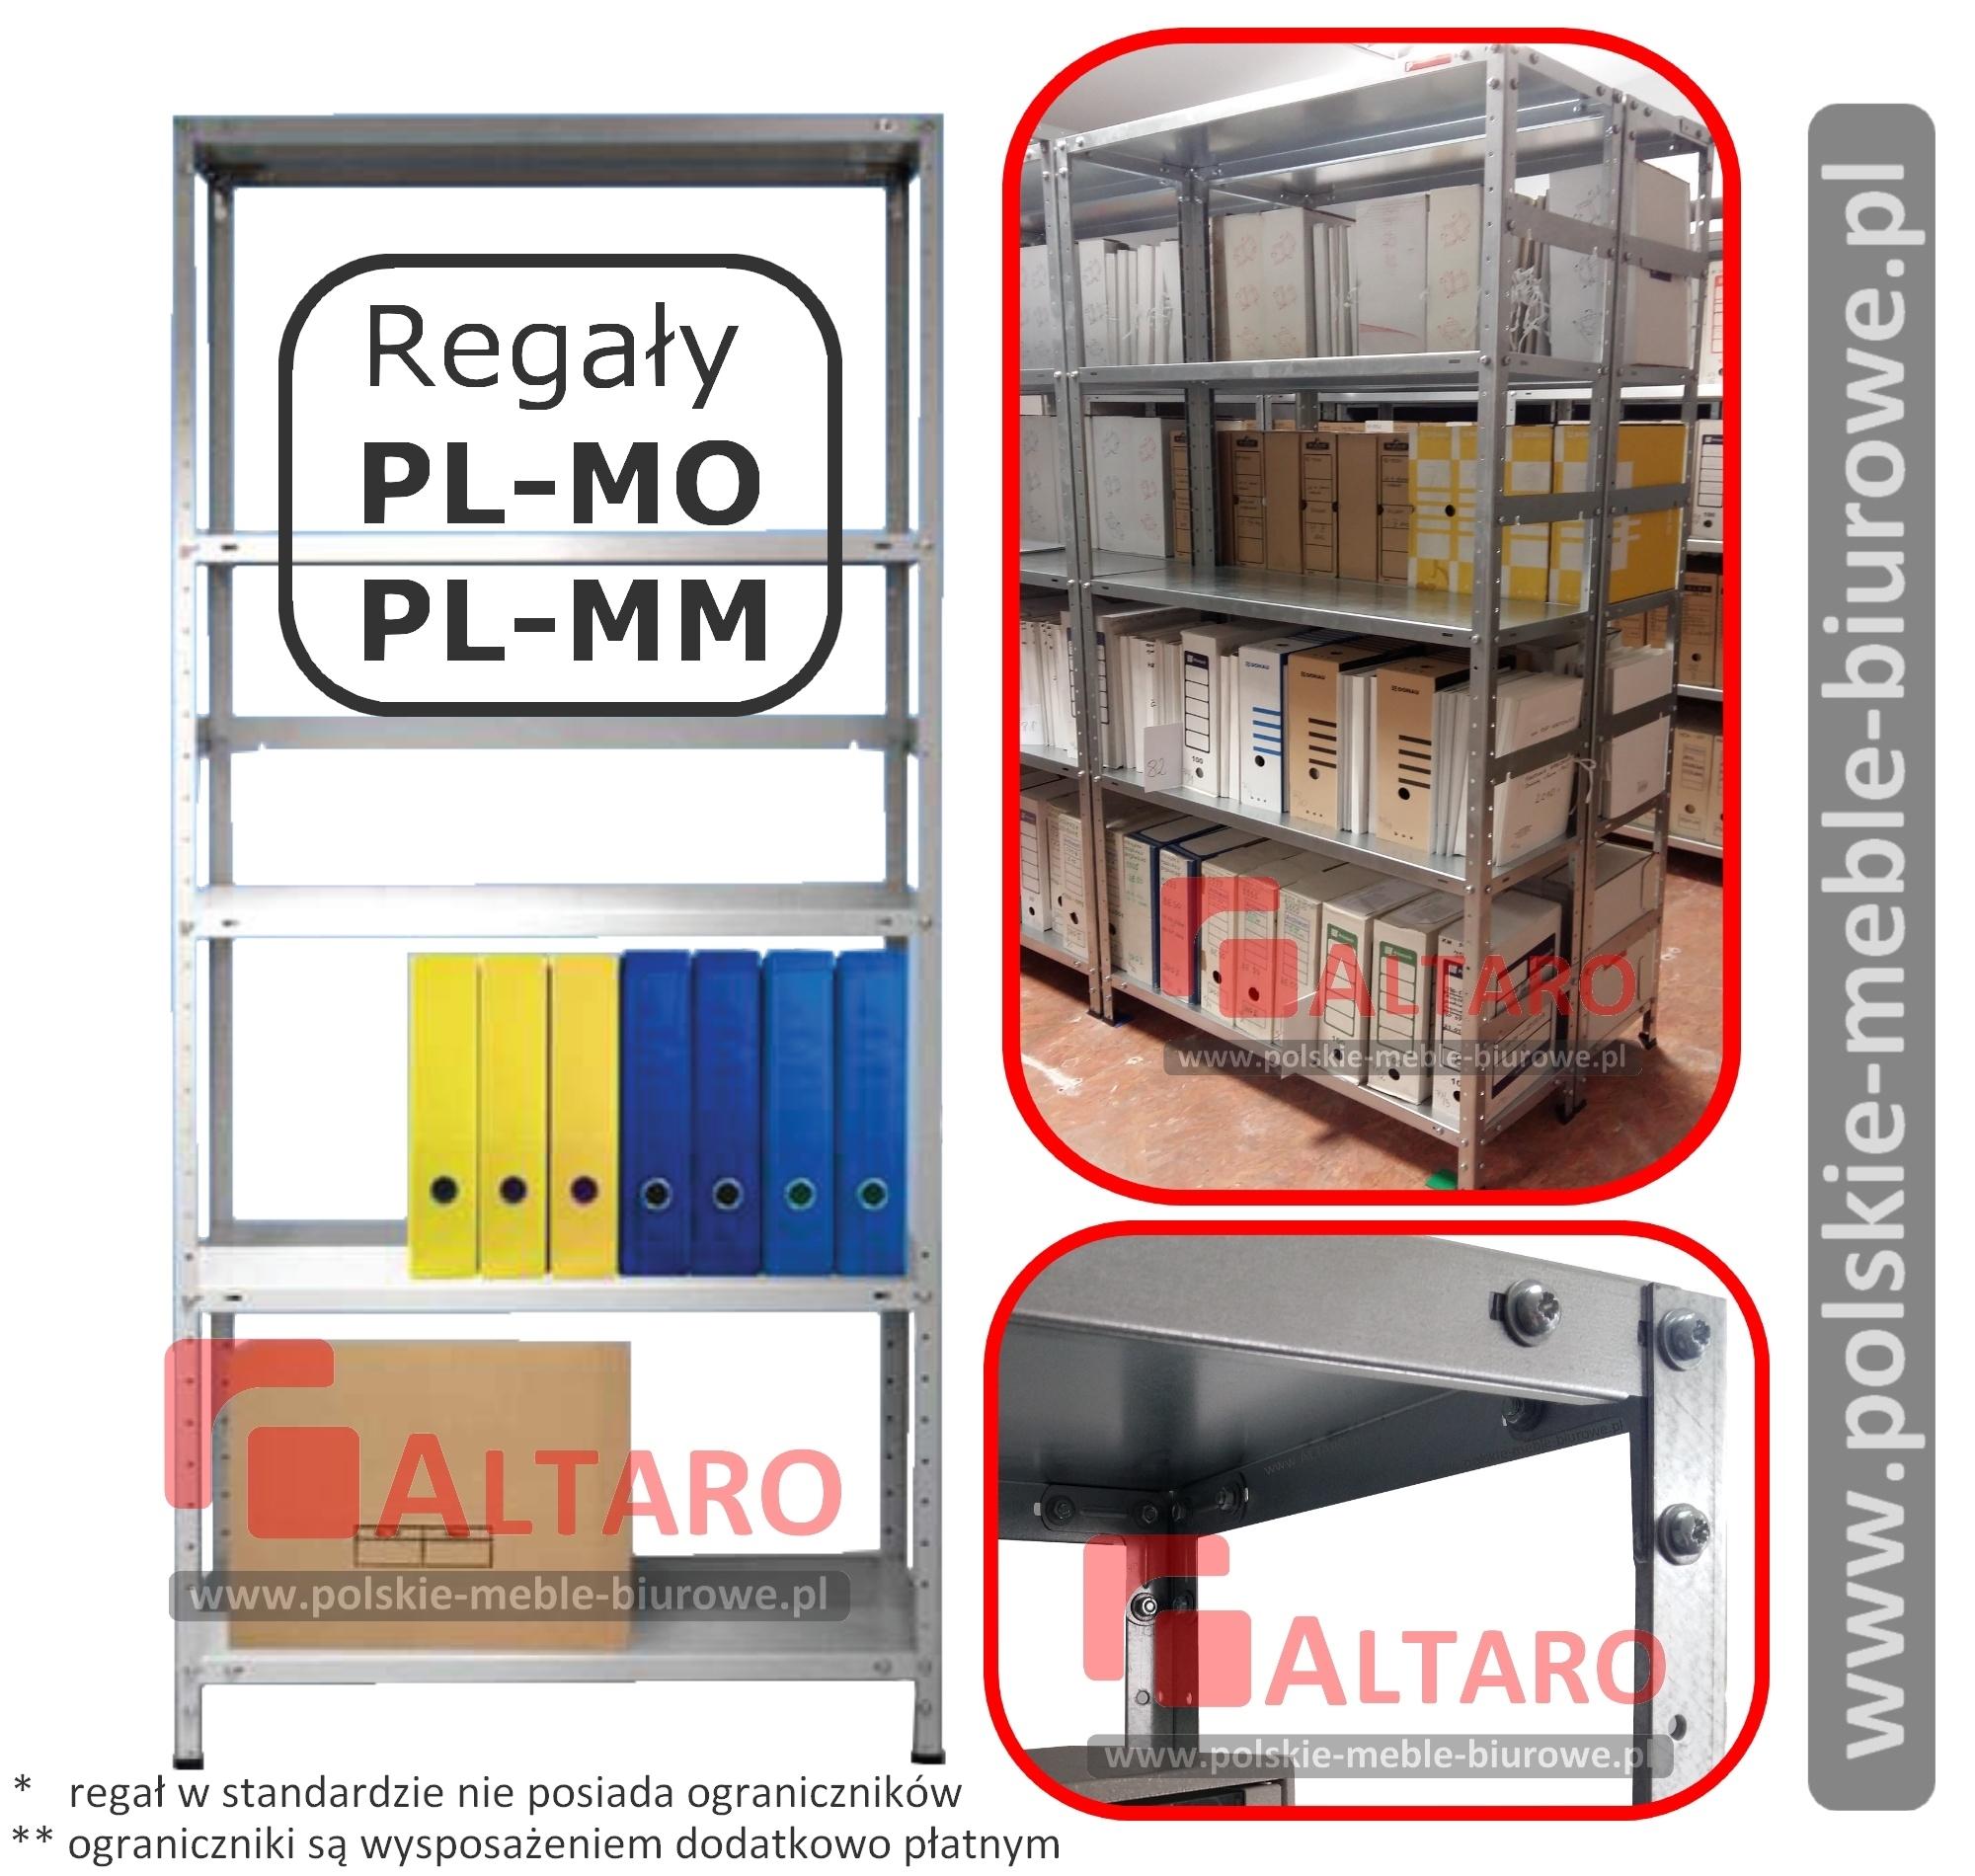 regały metalowe ML-MO i PL-MM od ALTARO